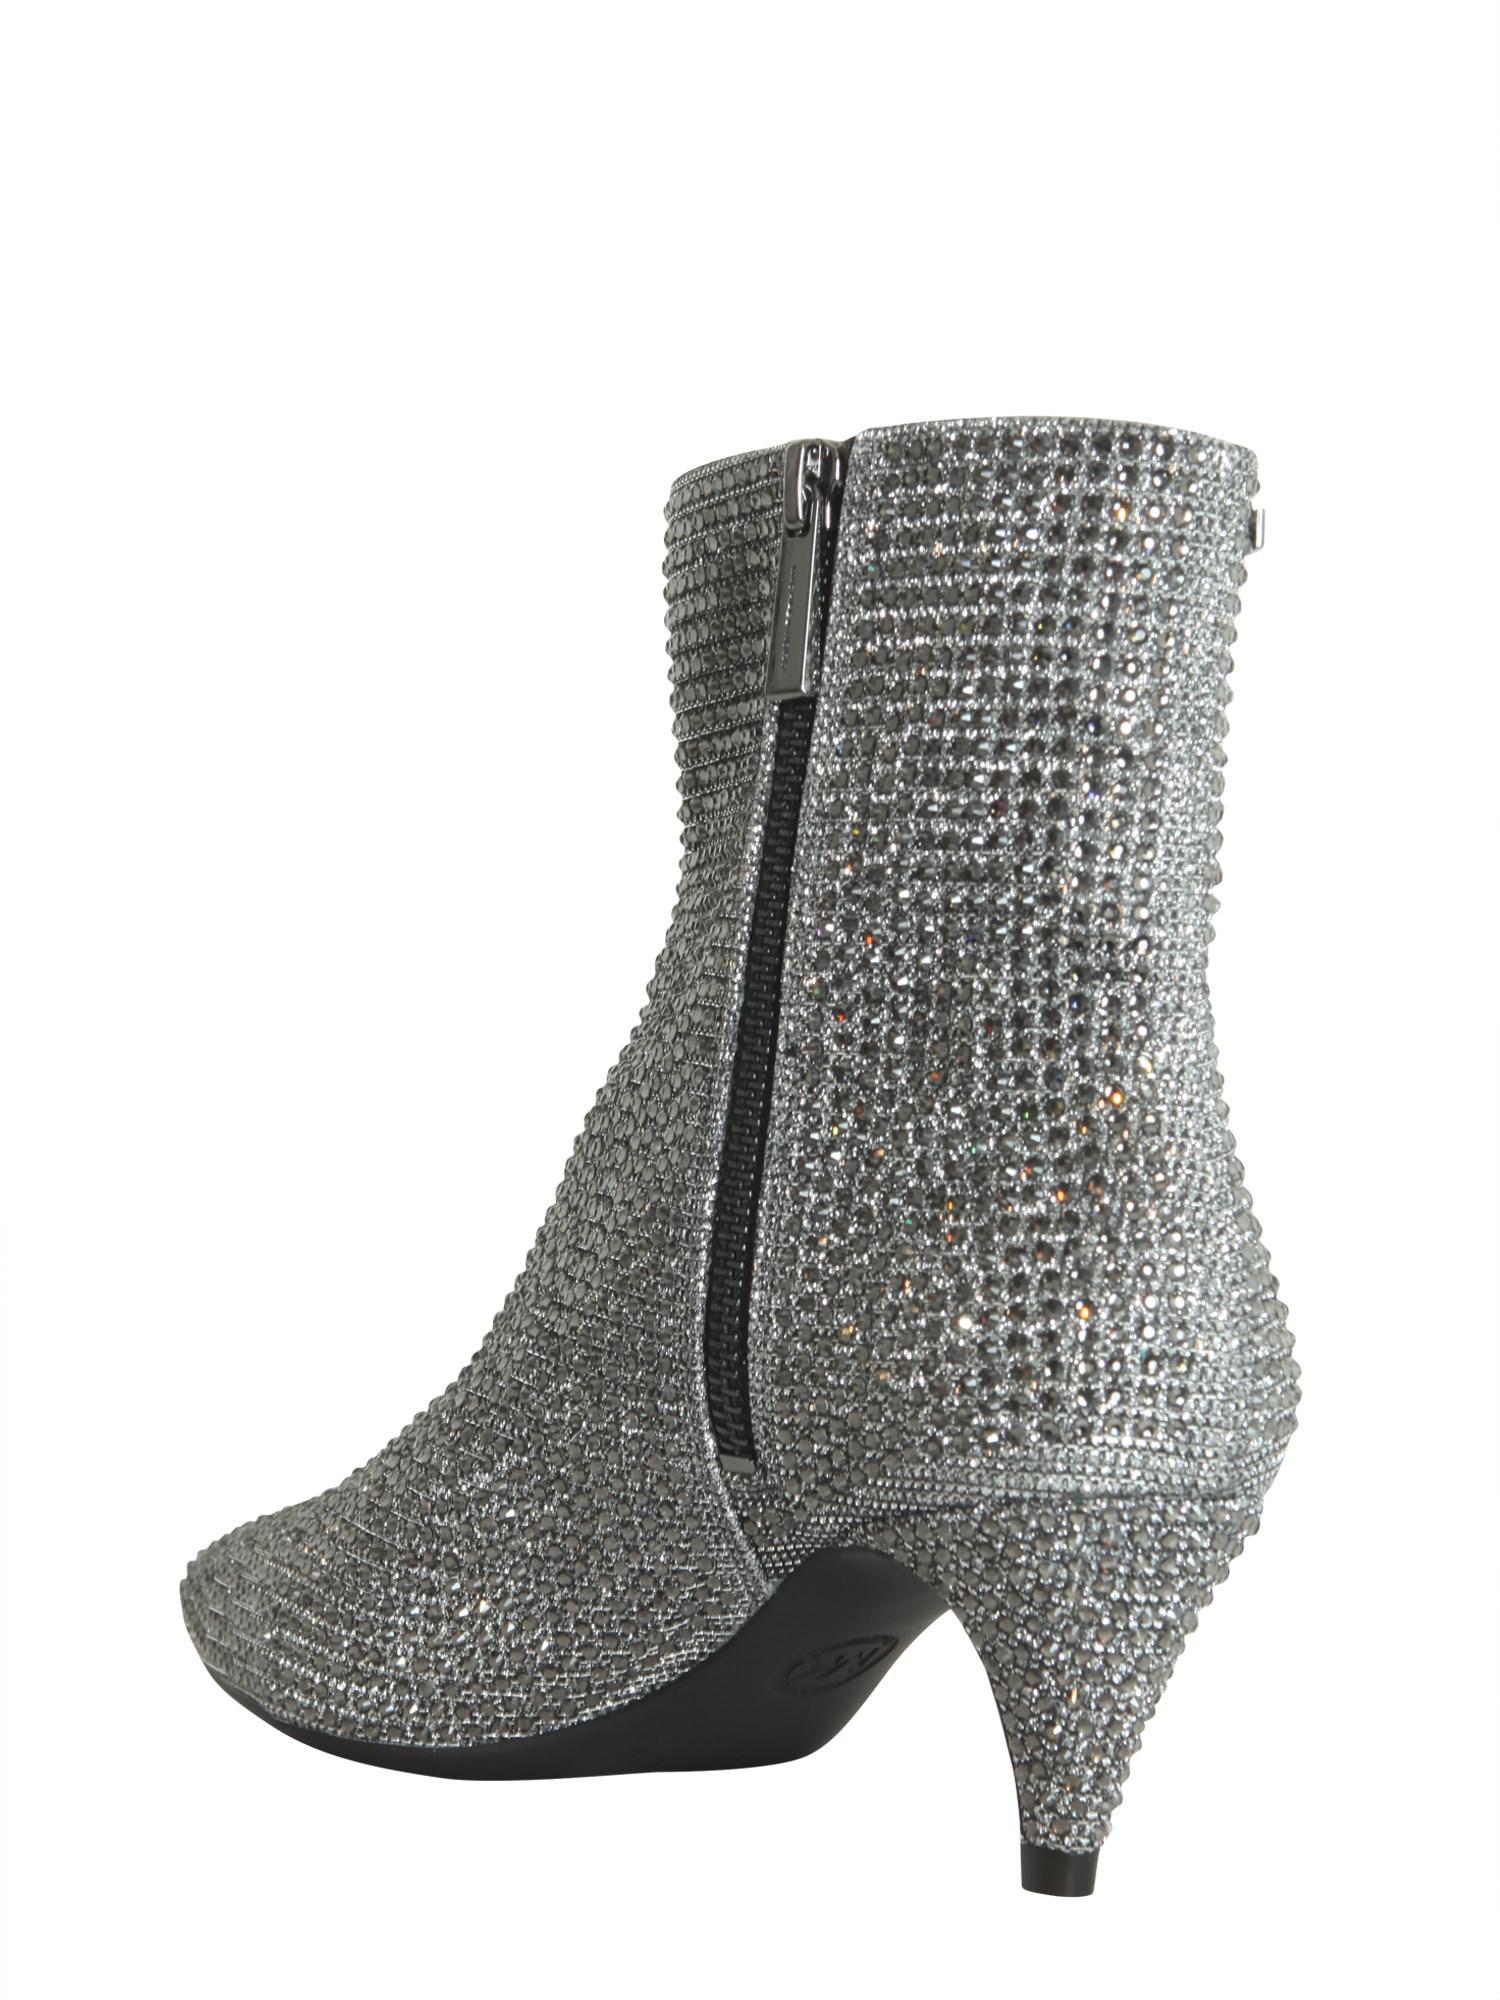 eaf889d10b7 MICHAEL Michael Kors Blaine Flex Kitten Glitter Ankle Boots in White ...